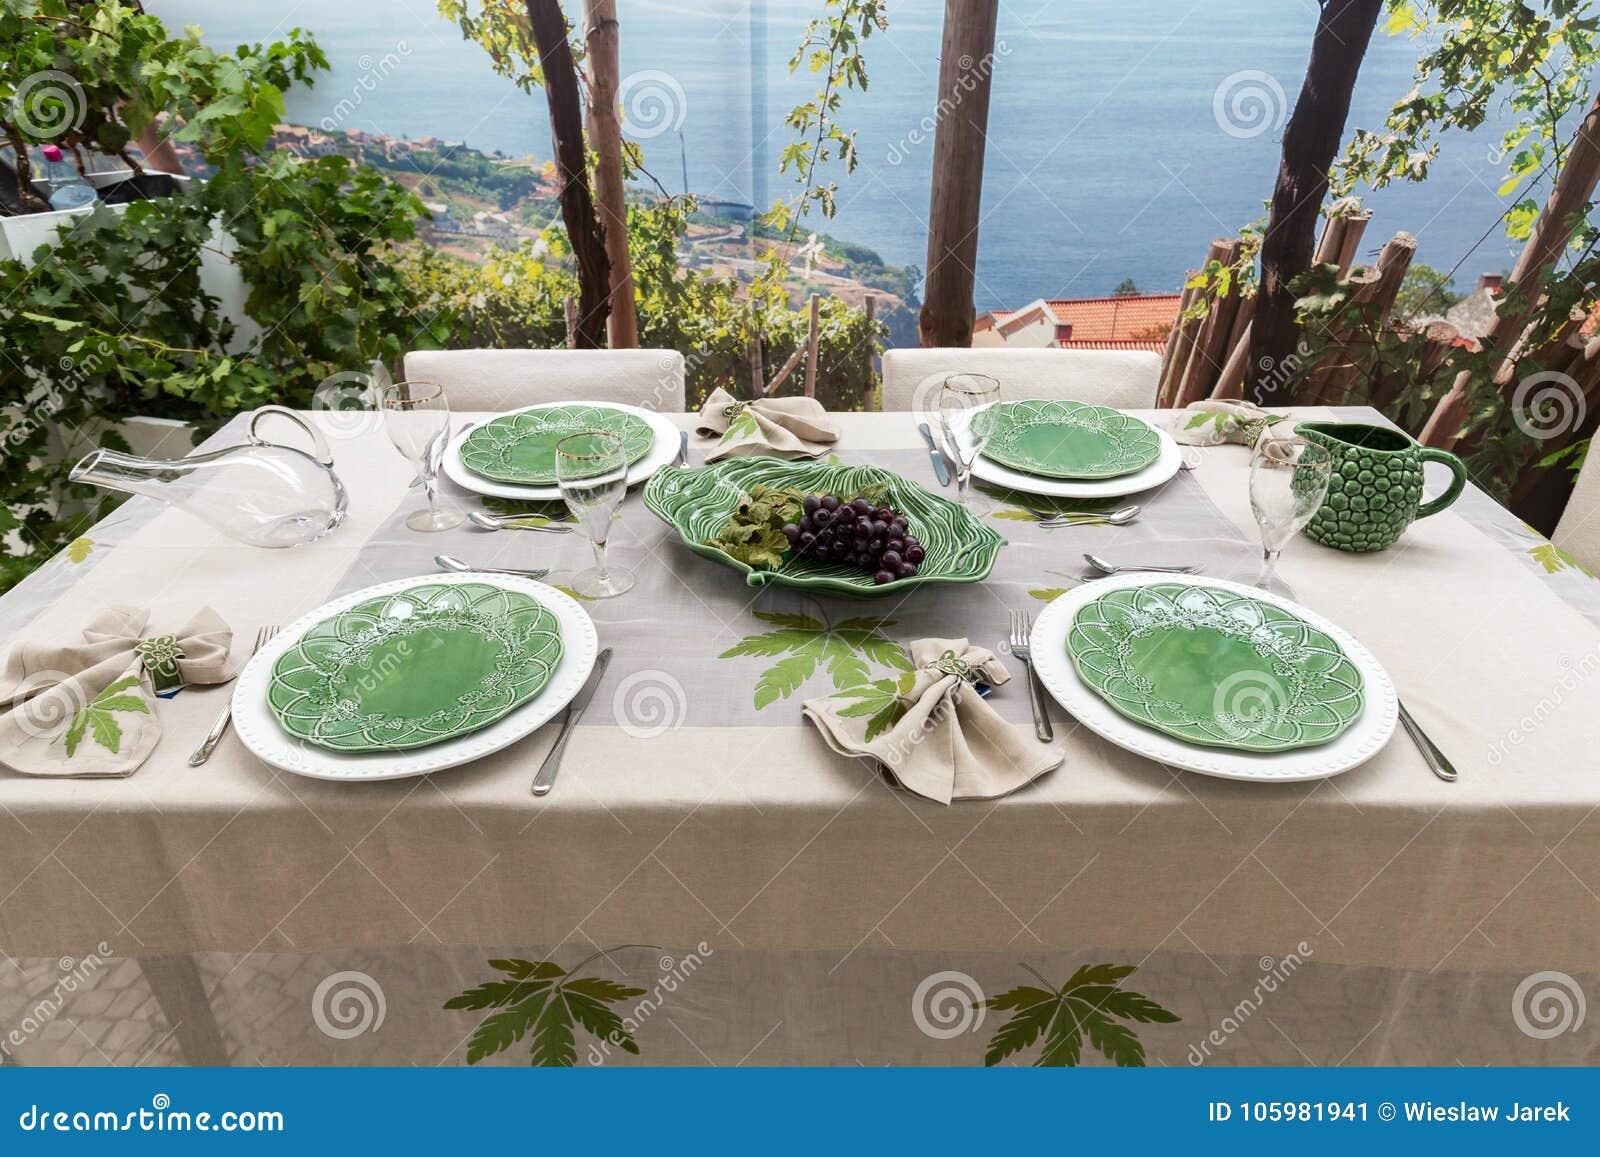 Smaczny i wyszukany przygotowany stół oczekuje przyjazd goście